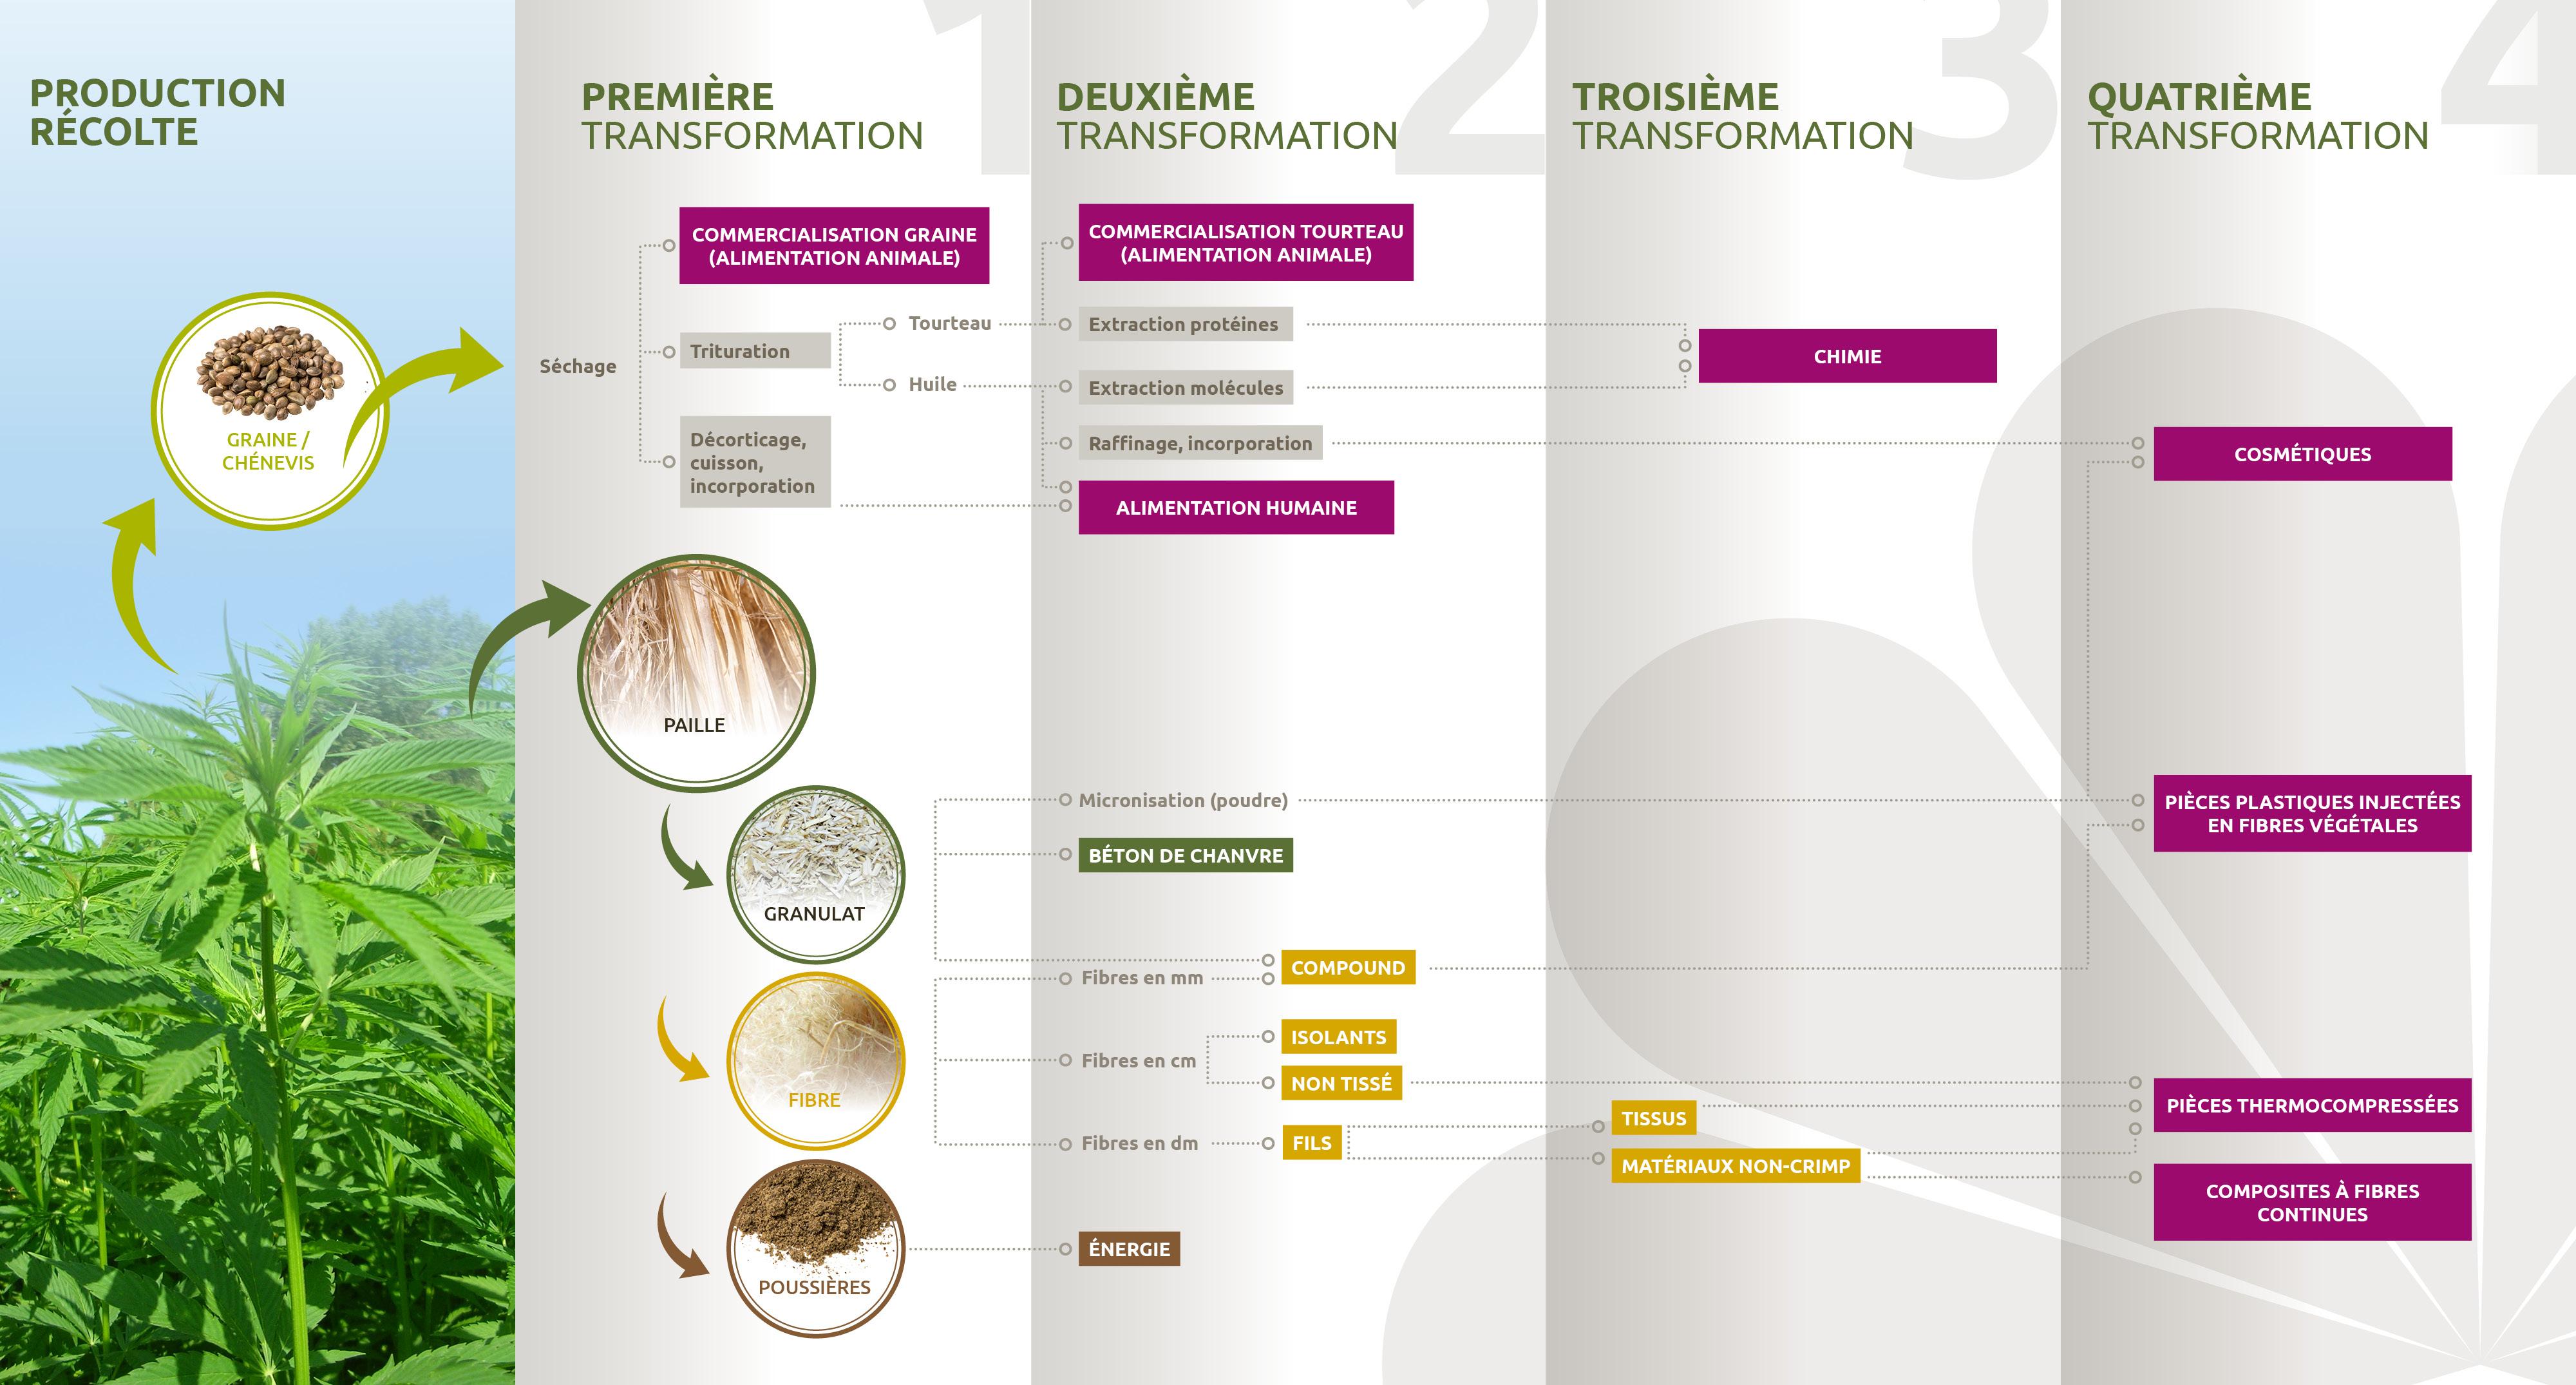 Les différents stades de transformation du chanvre